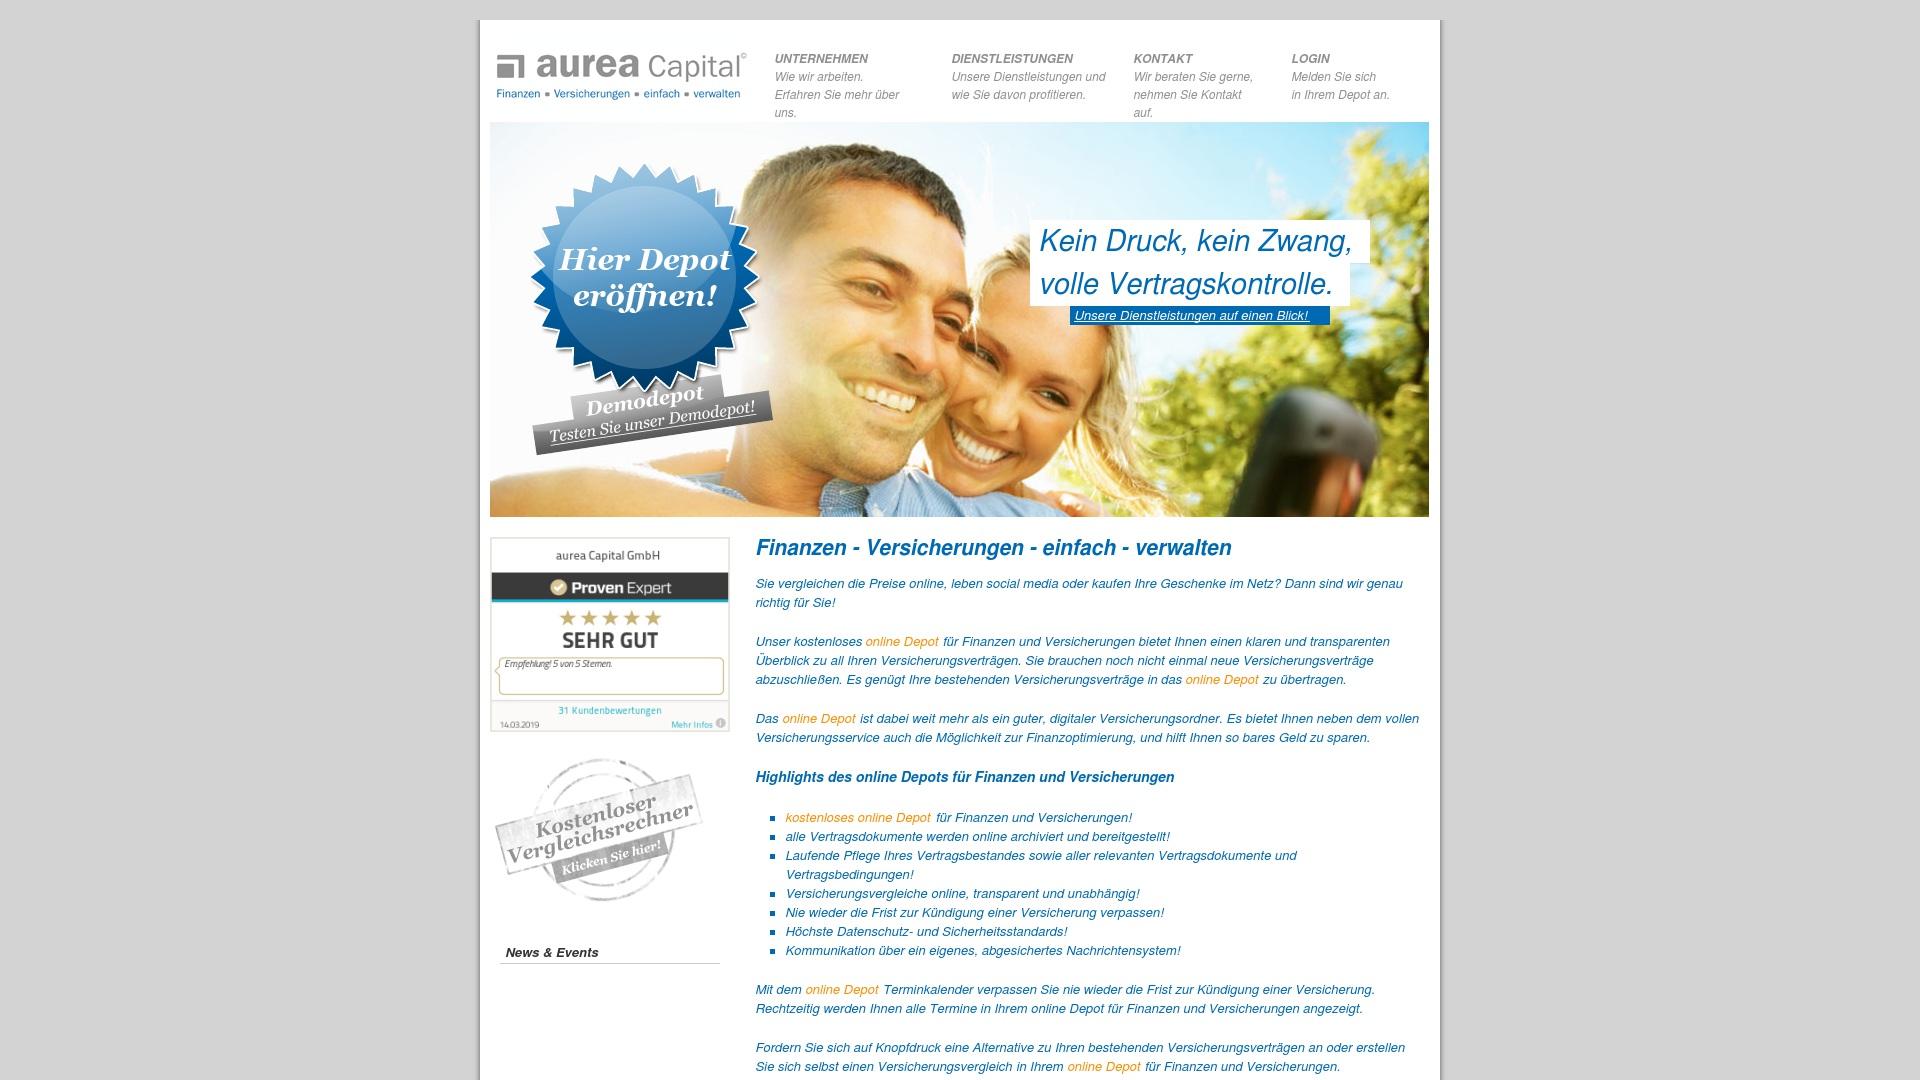 Gutschein für Aurea-capital: Rabatte für  Aurea-capital sichern